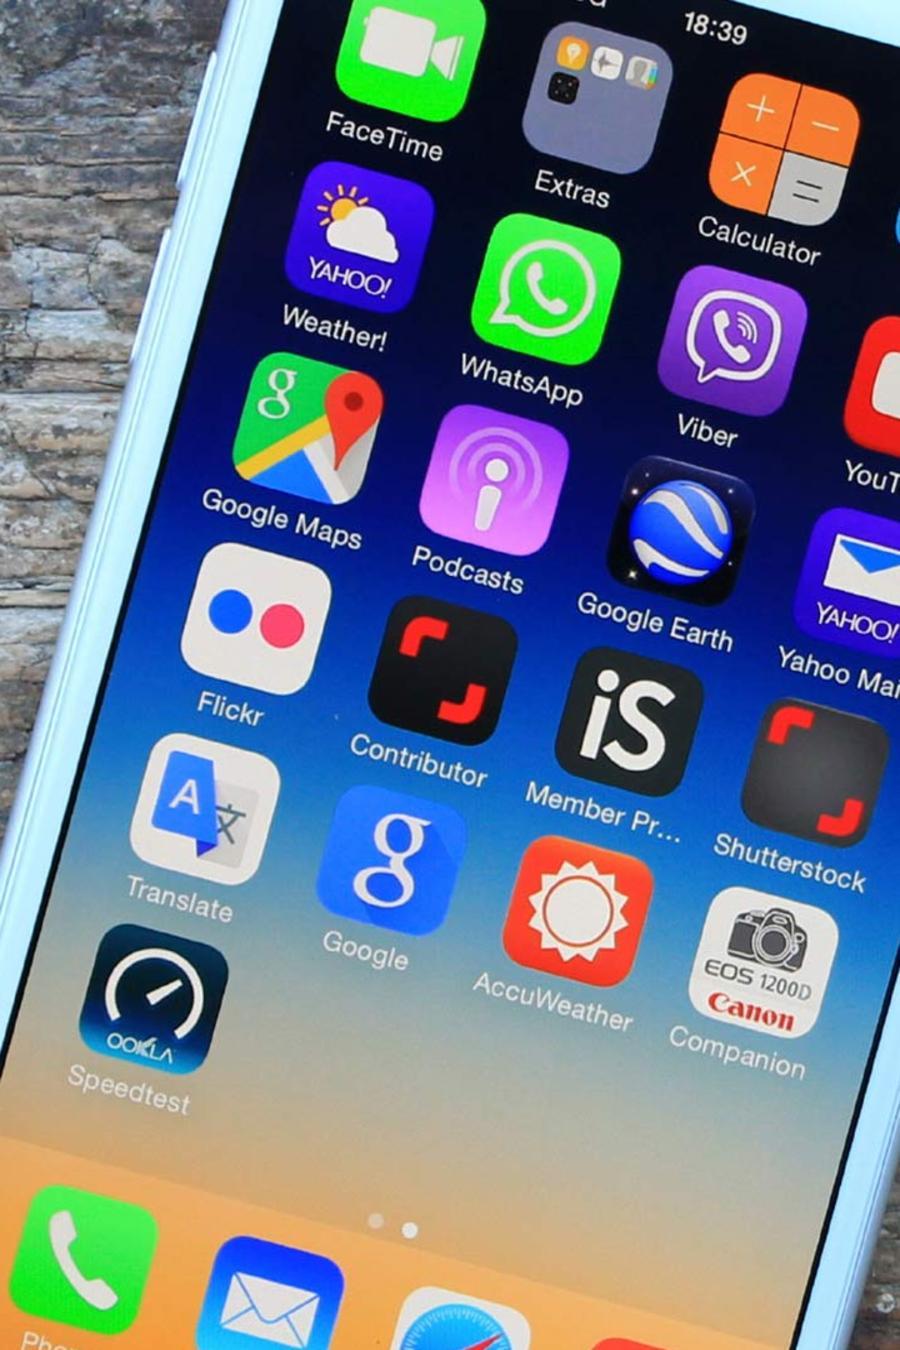 Corea del Sur ofrece ayuda a adictos a la tecnología